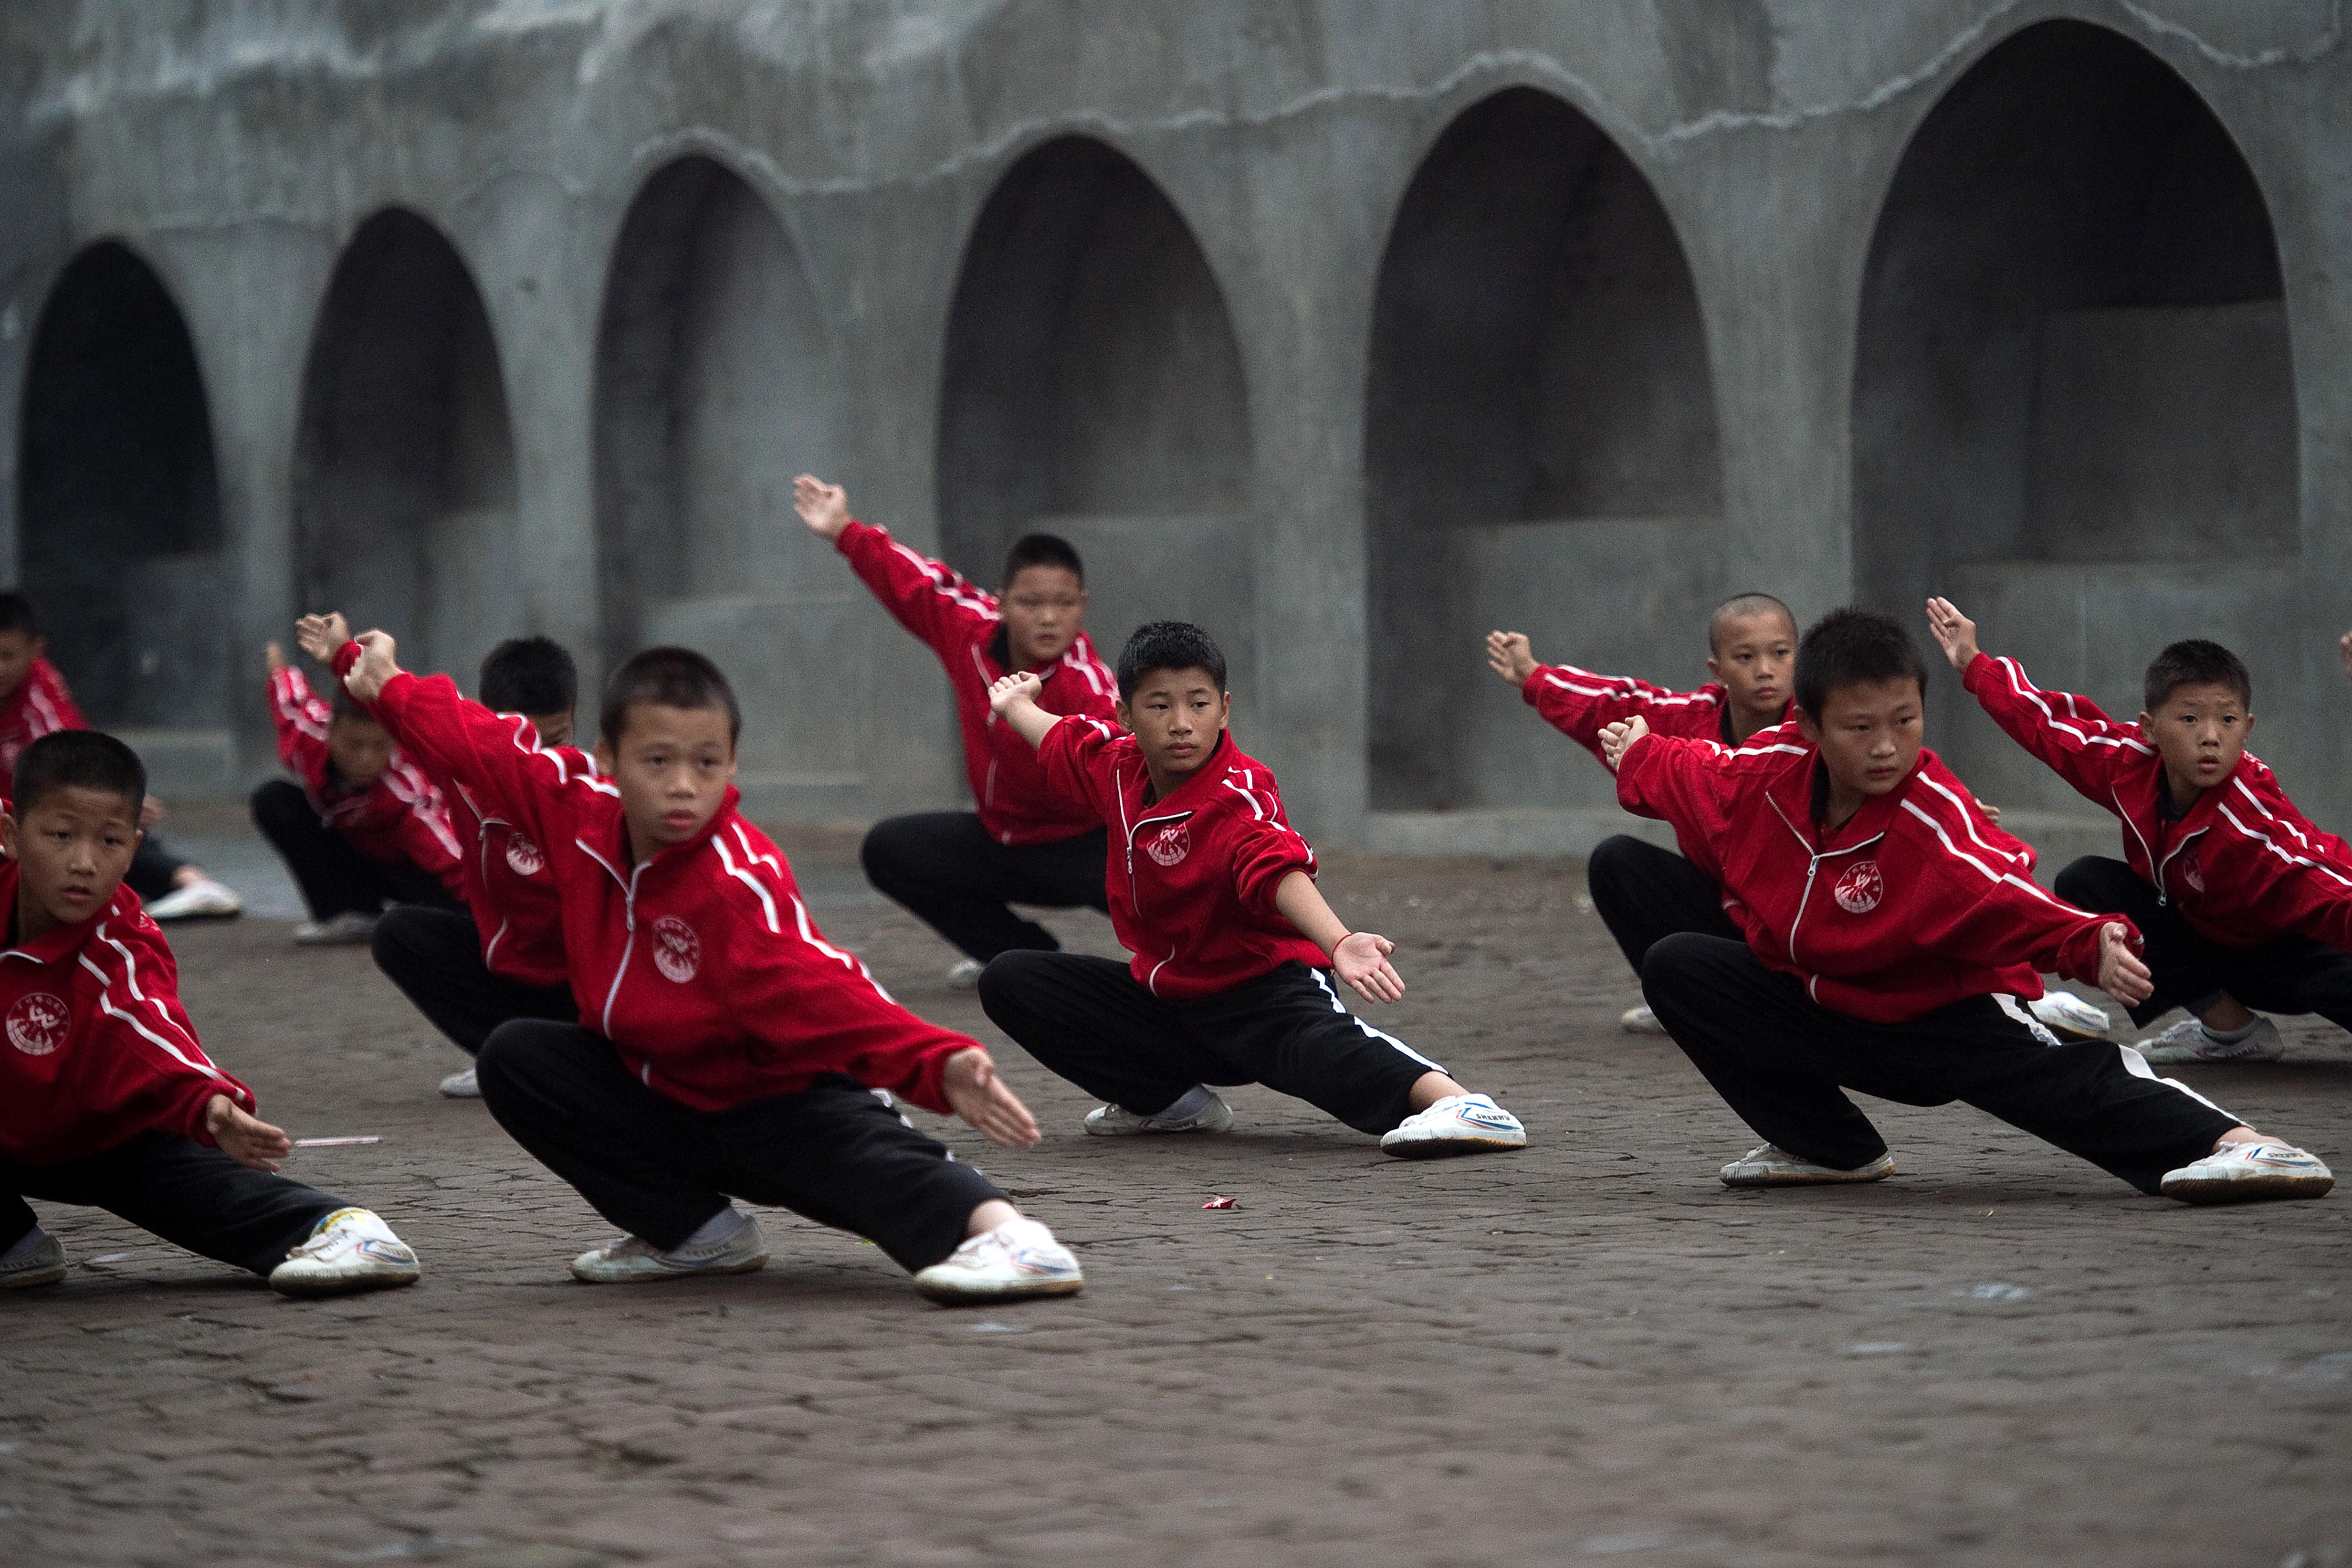 Kínában megpróbálják korlátozni a külföldi írók gyerekkönyveinek terjesztését